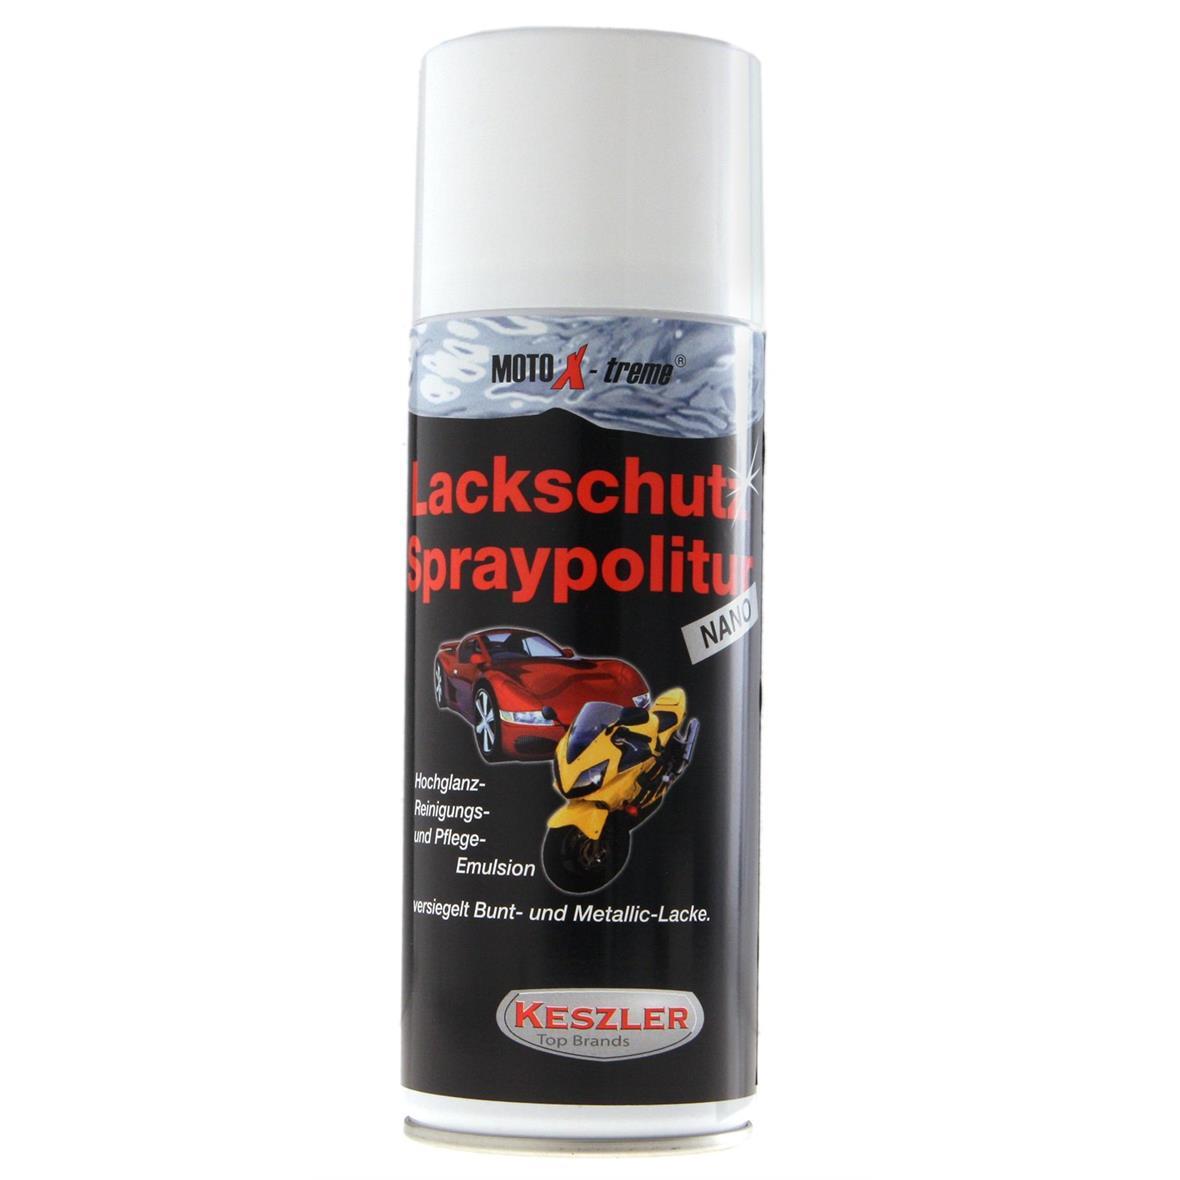 Product Image for 'Varnish Conservation MOTO X-treme Spray Finish NanoTitle'